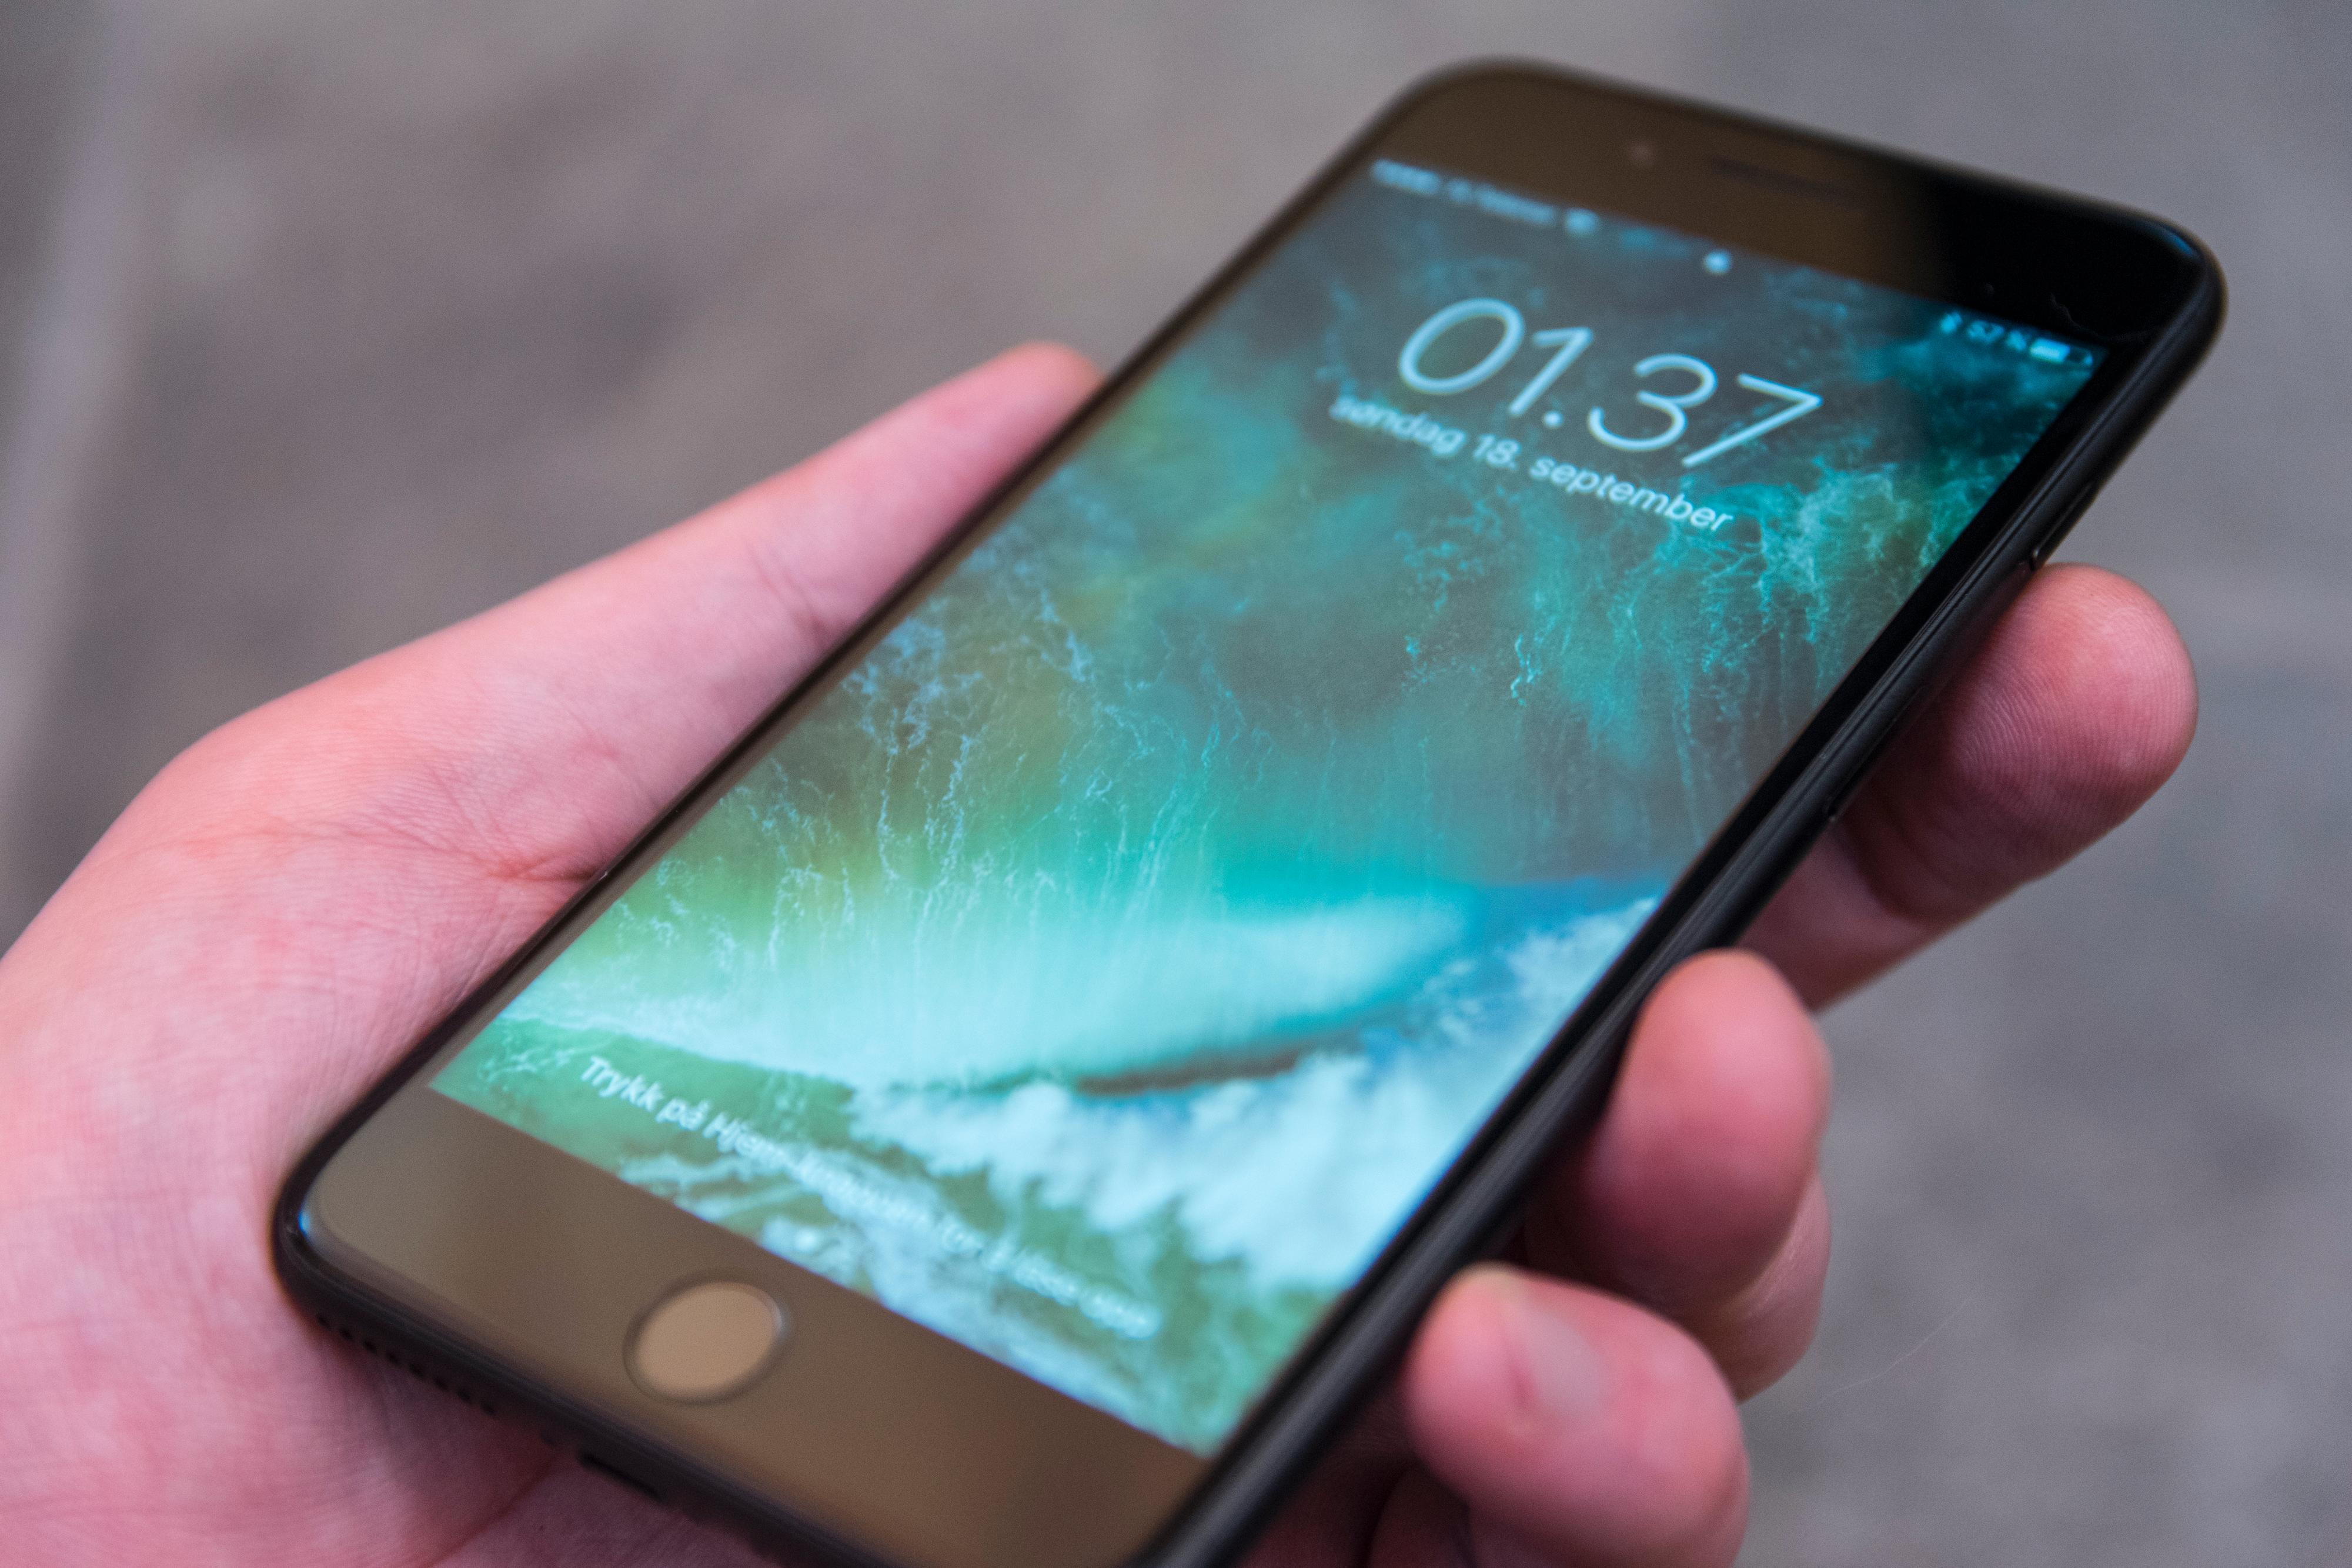 iPhone 8 blir visstnok dyrere enn iPhone 7 Plus, her avbildet, men ikke nødvendigvis så mye dyrere.